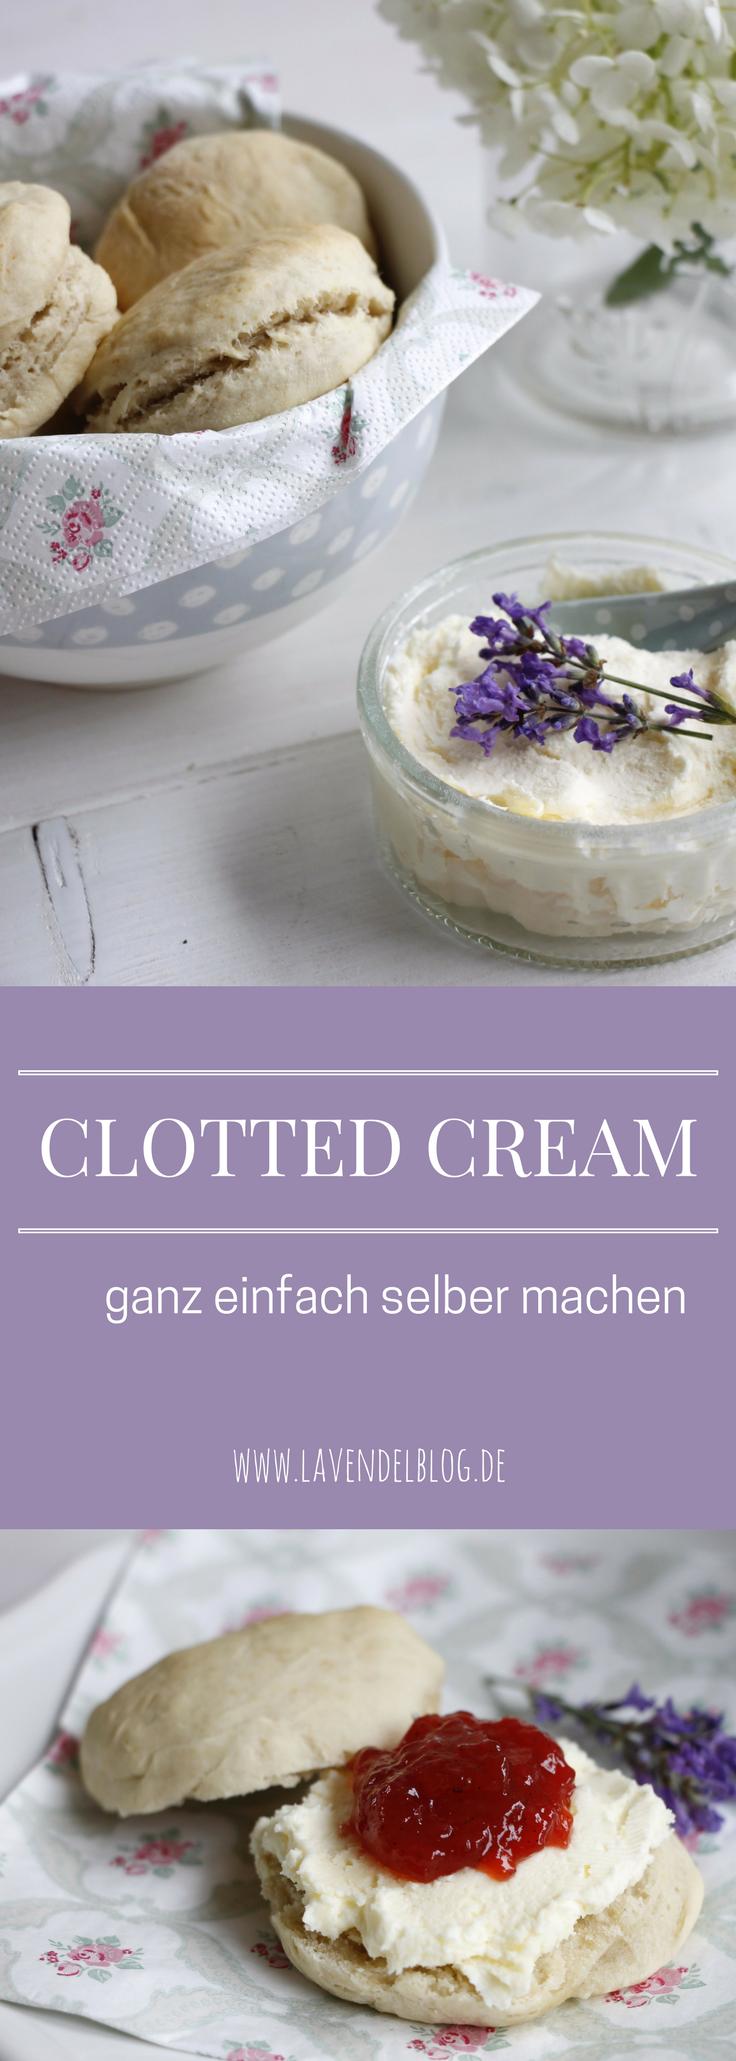 Tea Time: Scones mit Clotted Cream und Erdbeerkonfitüre (inkl. Gewinnspiel)